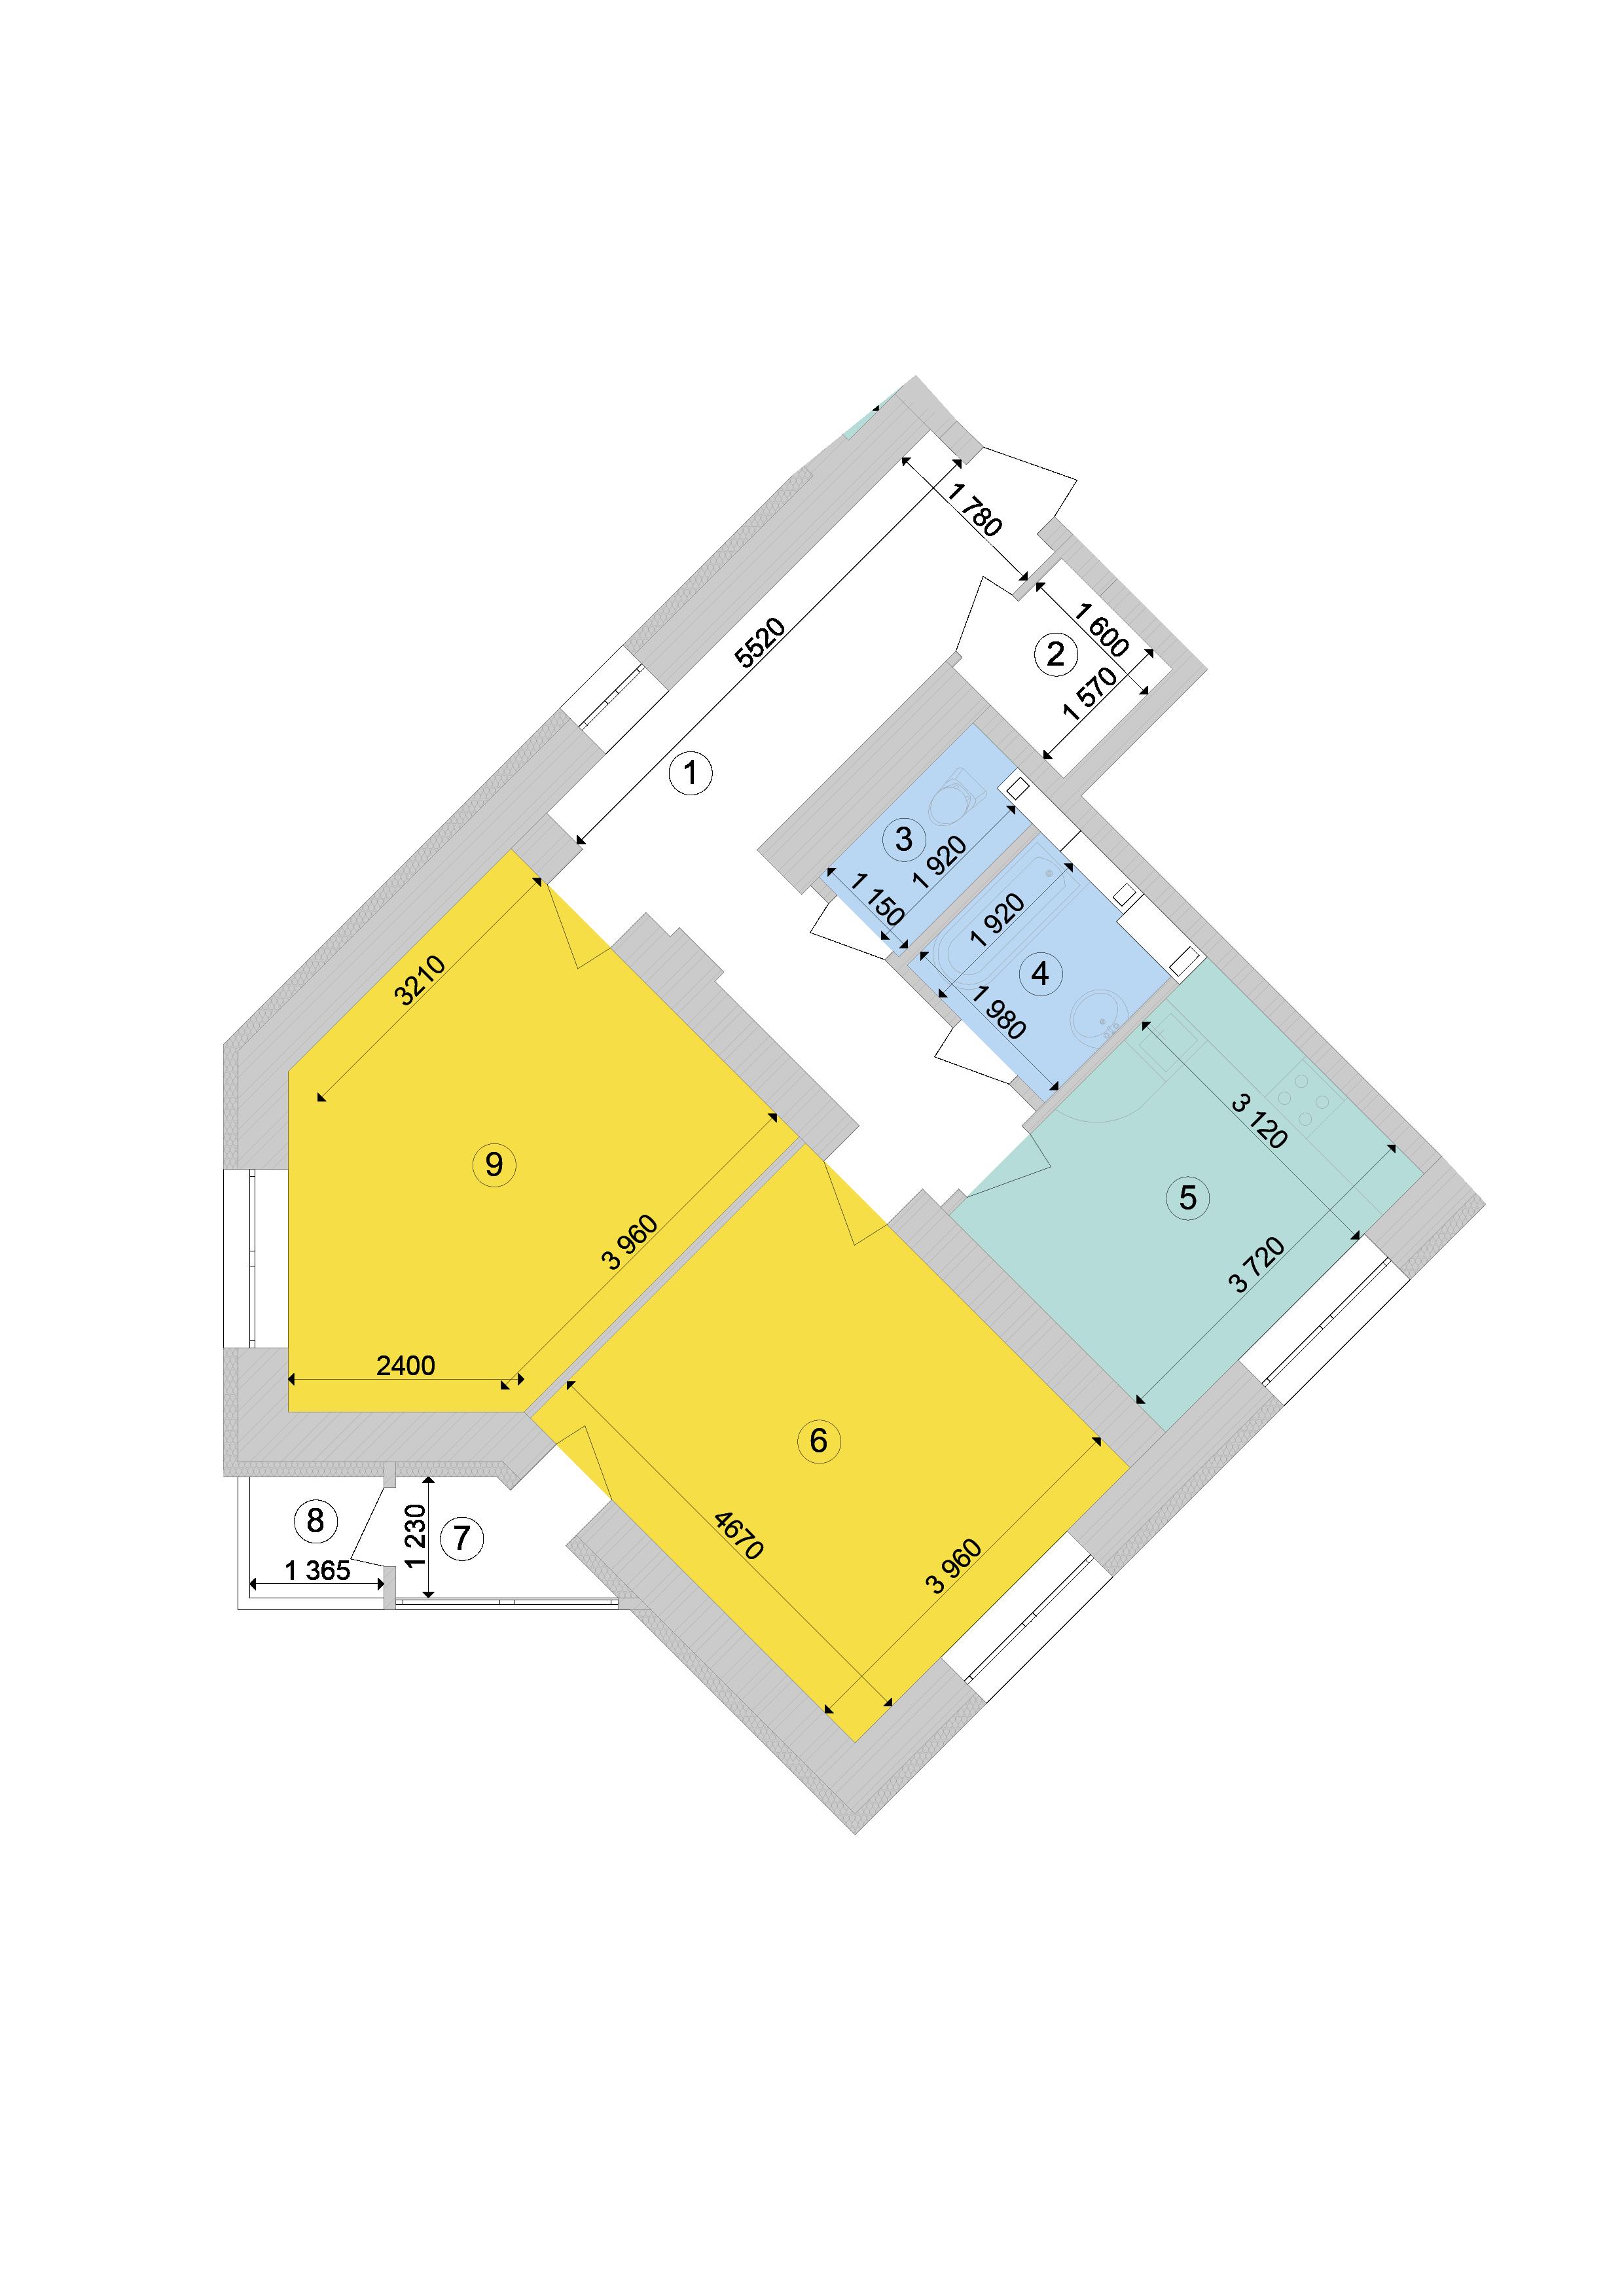 Купити Двокімнатна квартира 73,49 кв.м., тип 2.5, будинок 1, секція 9 в Києві Голосіївський район